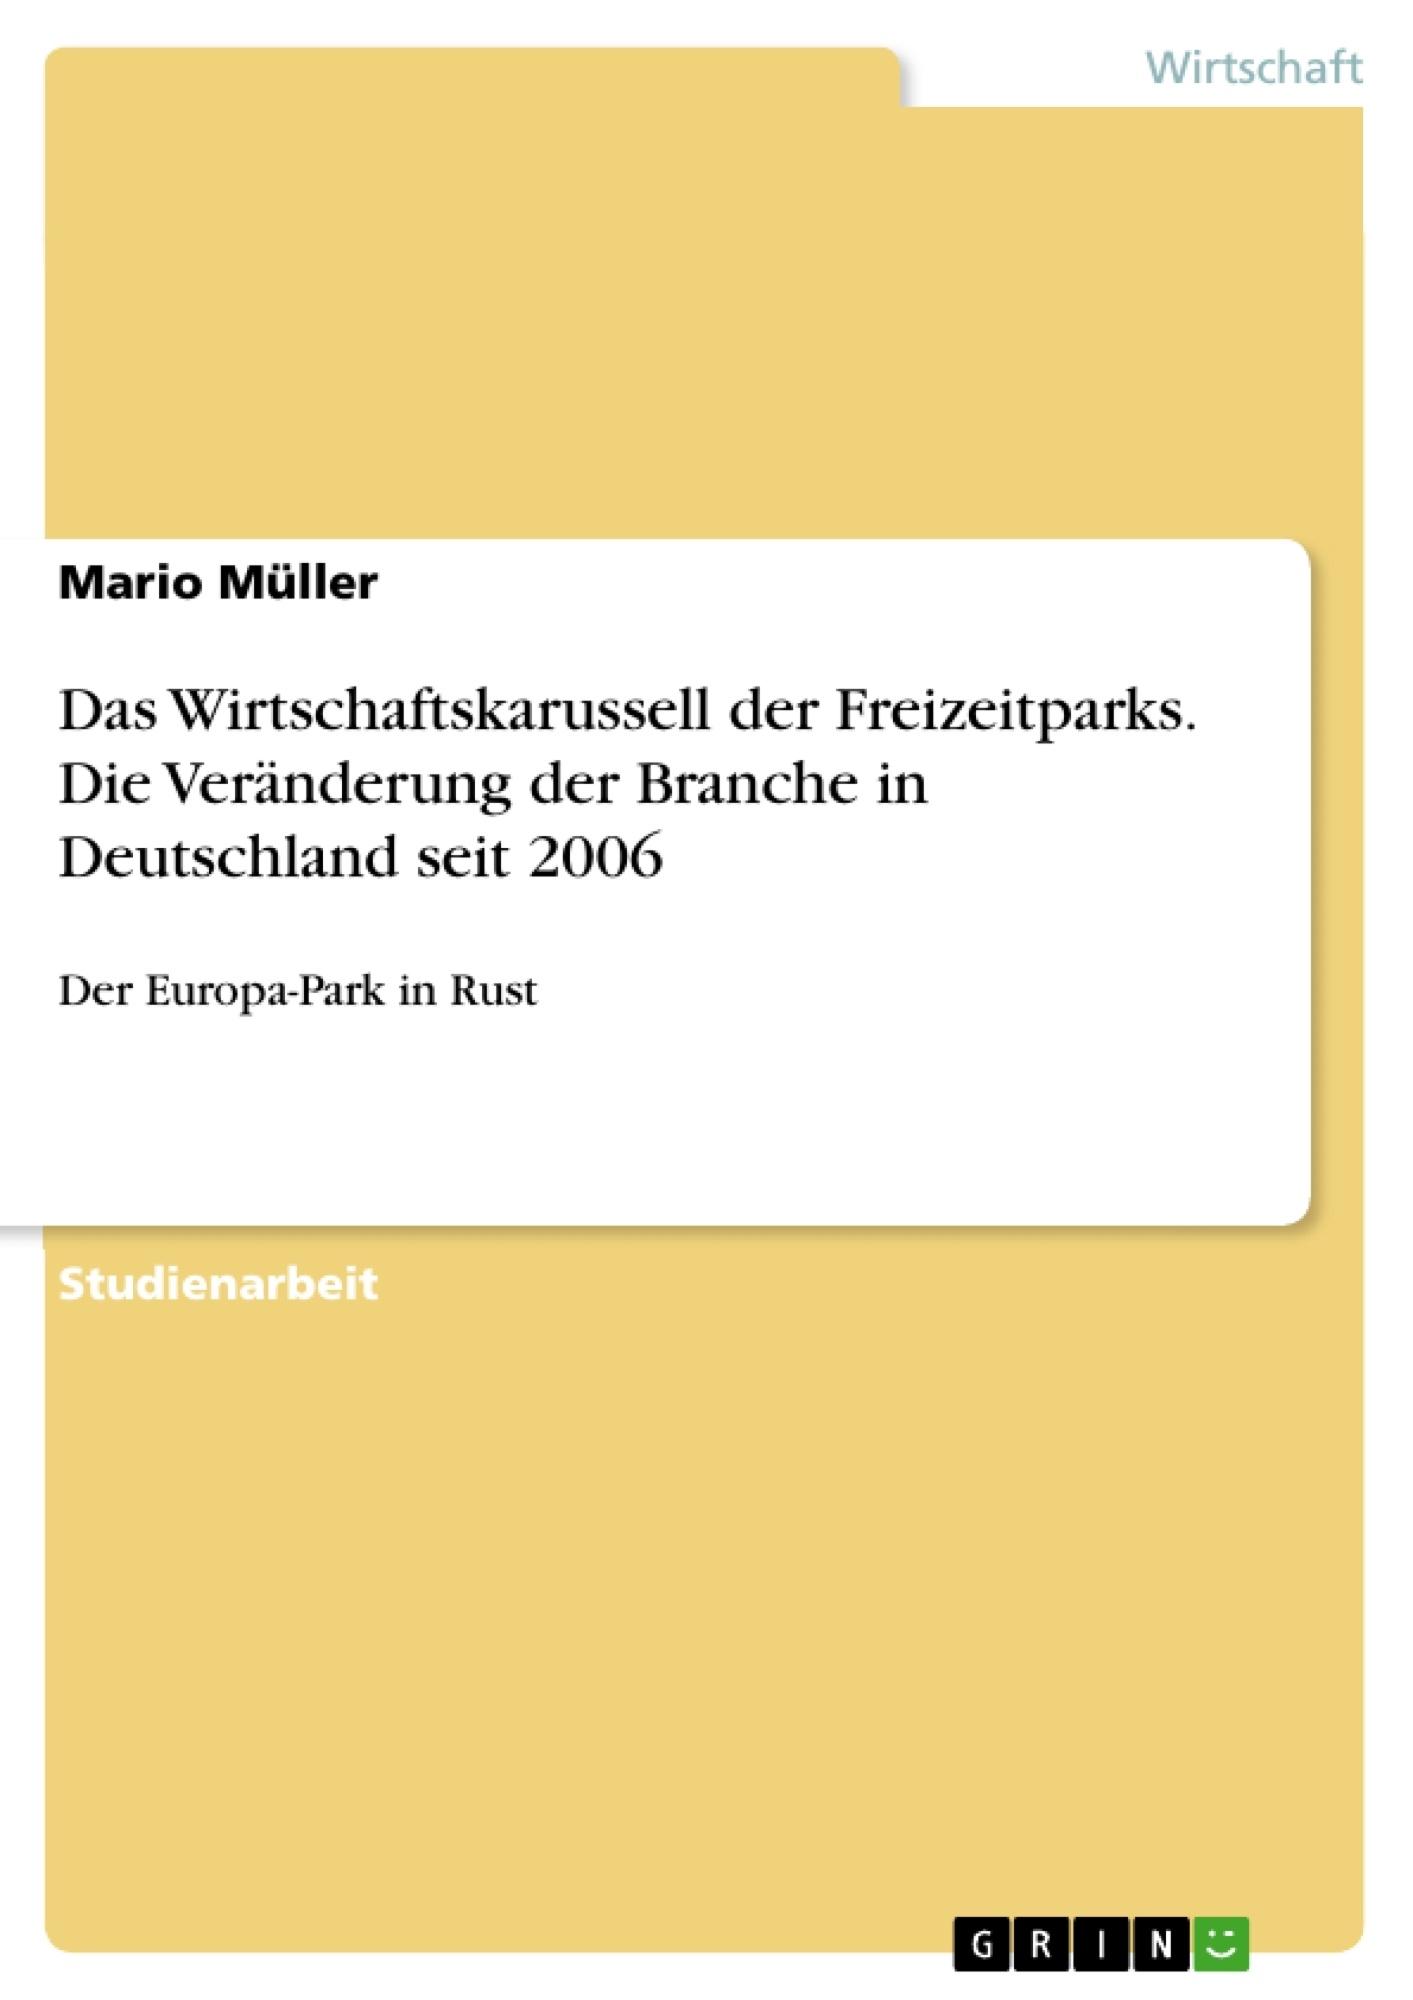 Titel: Das Wirtschaftskarussell der Freizeitparks. Die Veränderung der Branche in Deutschland seit 2006